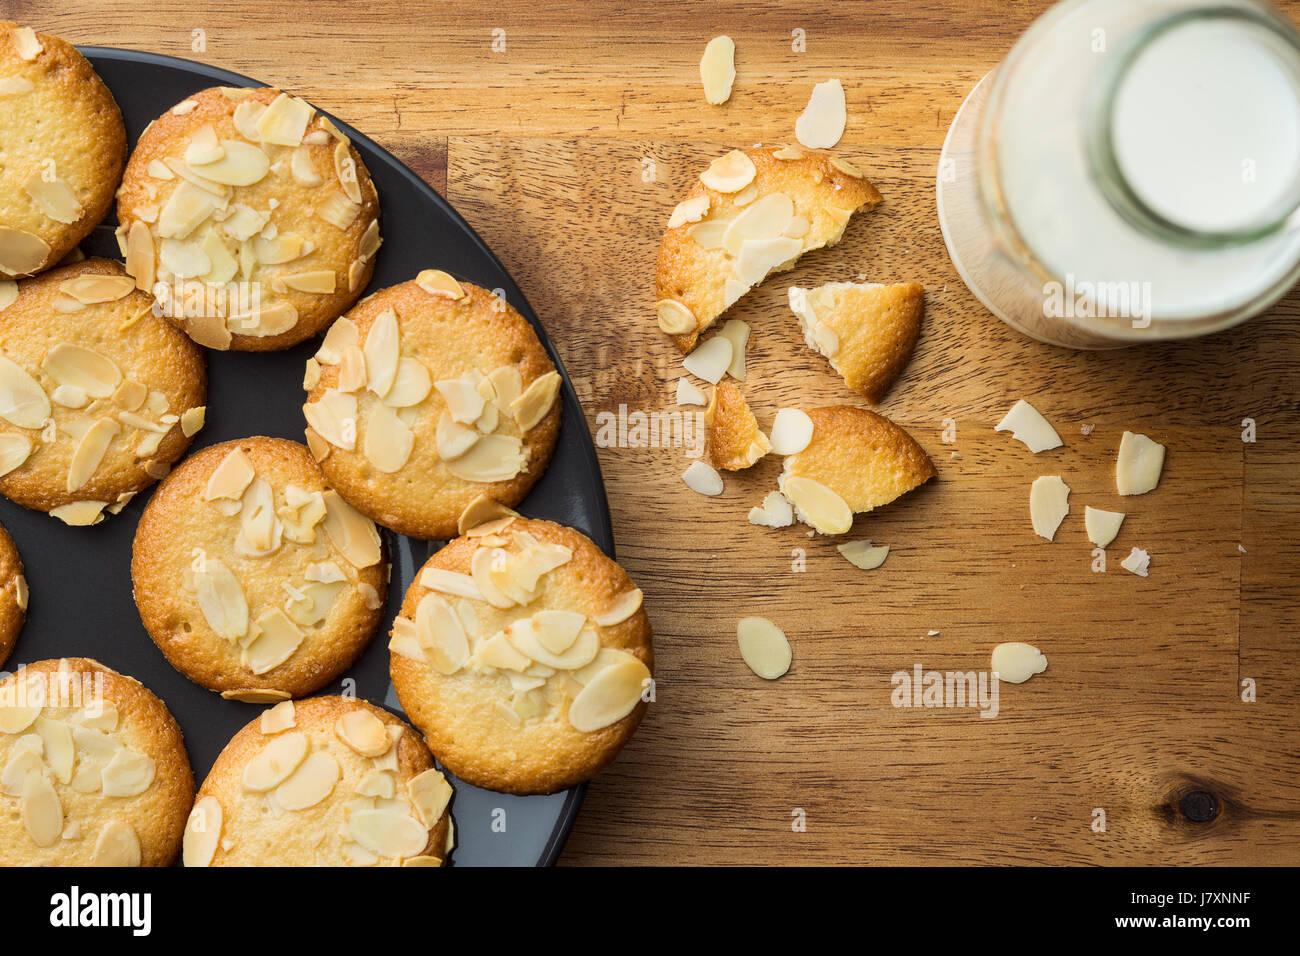 Süße Mandel Kekse mit Milch auf Holztisch. Ansicht von oben. Stockbild